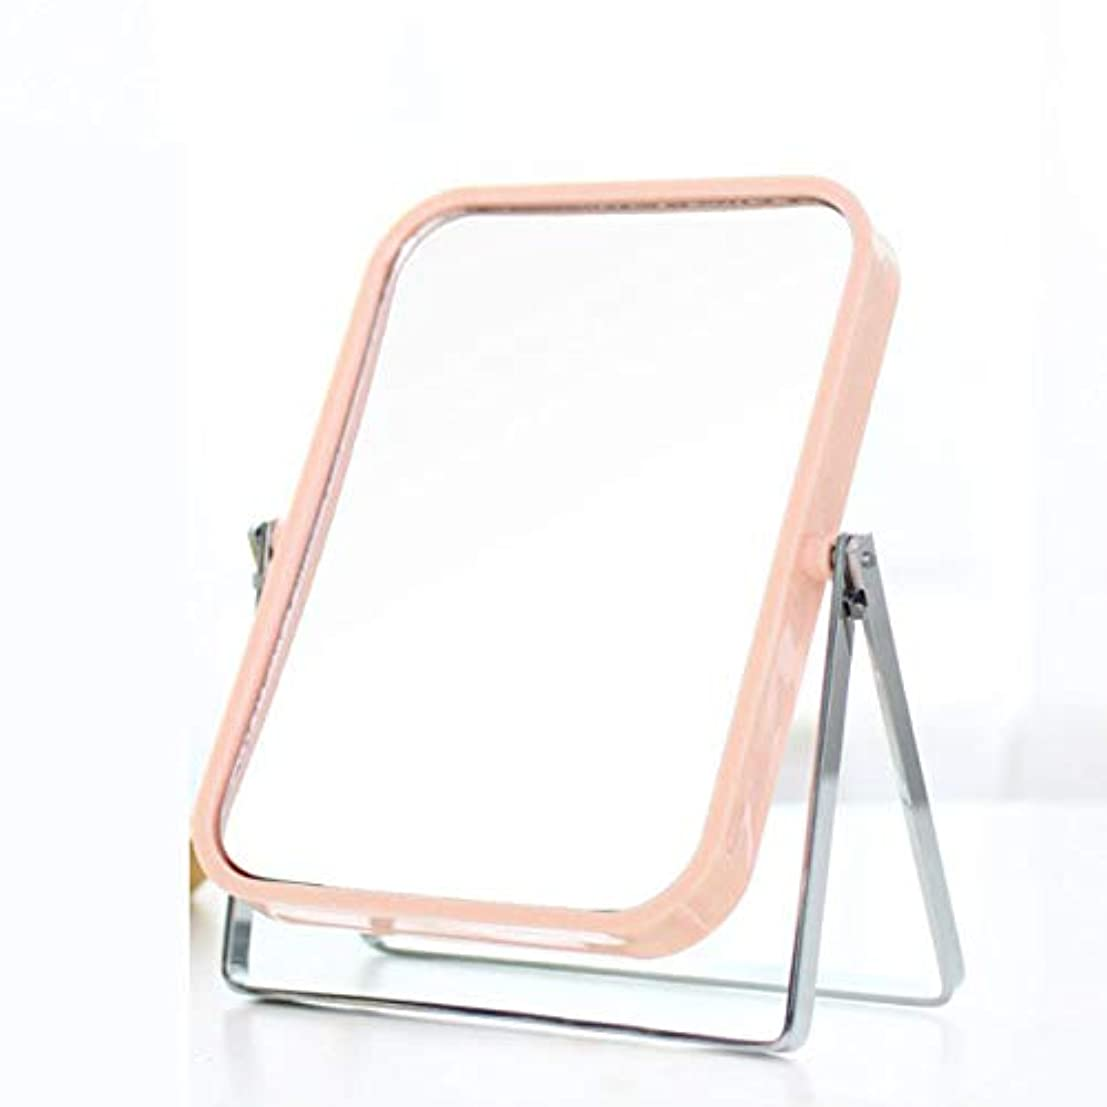 外交滅多させる化粧鏡、シンプルな長方形の両面化粧鏡の化粧ギフト (Color : ピンク)